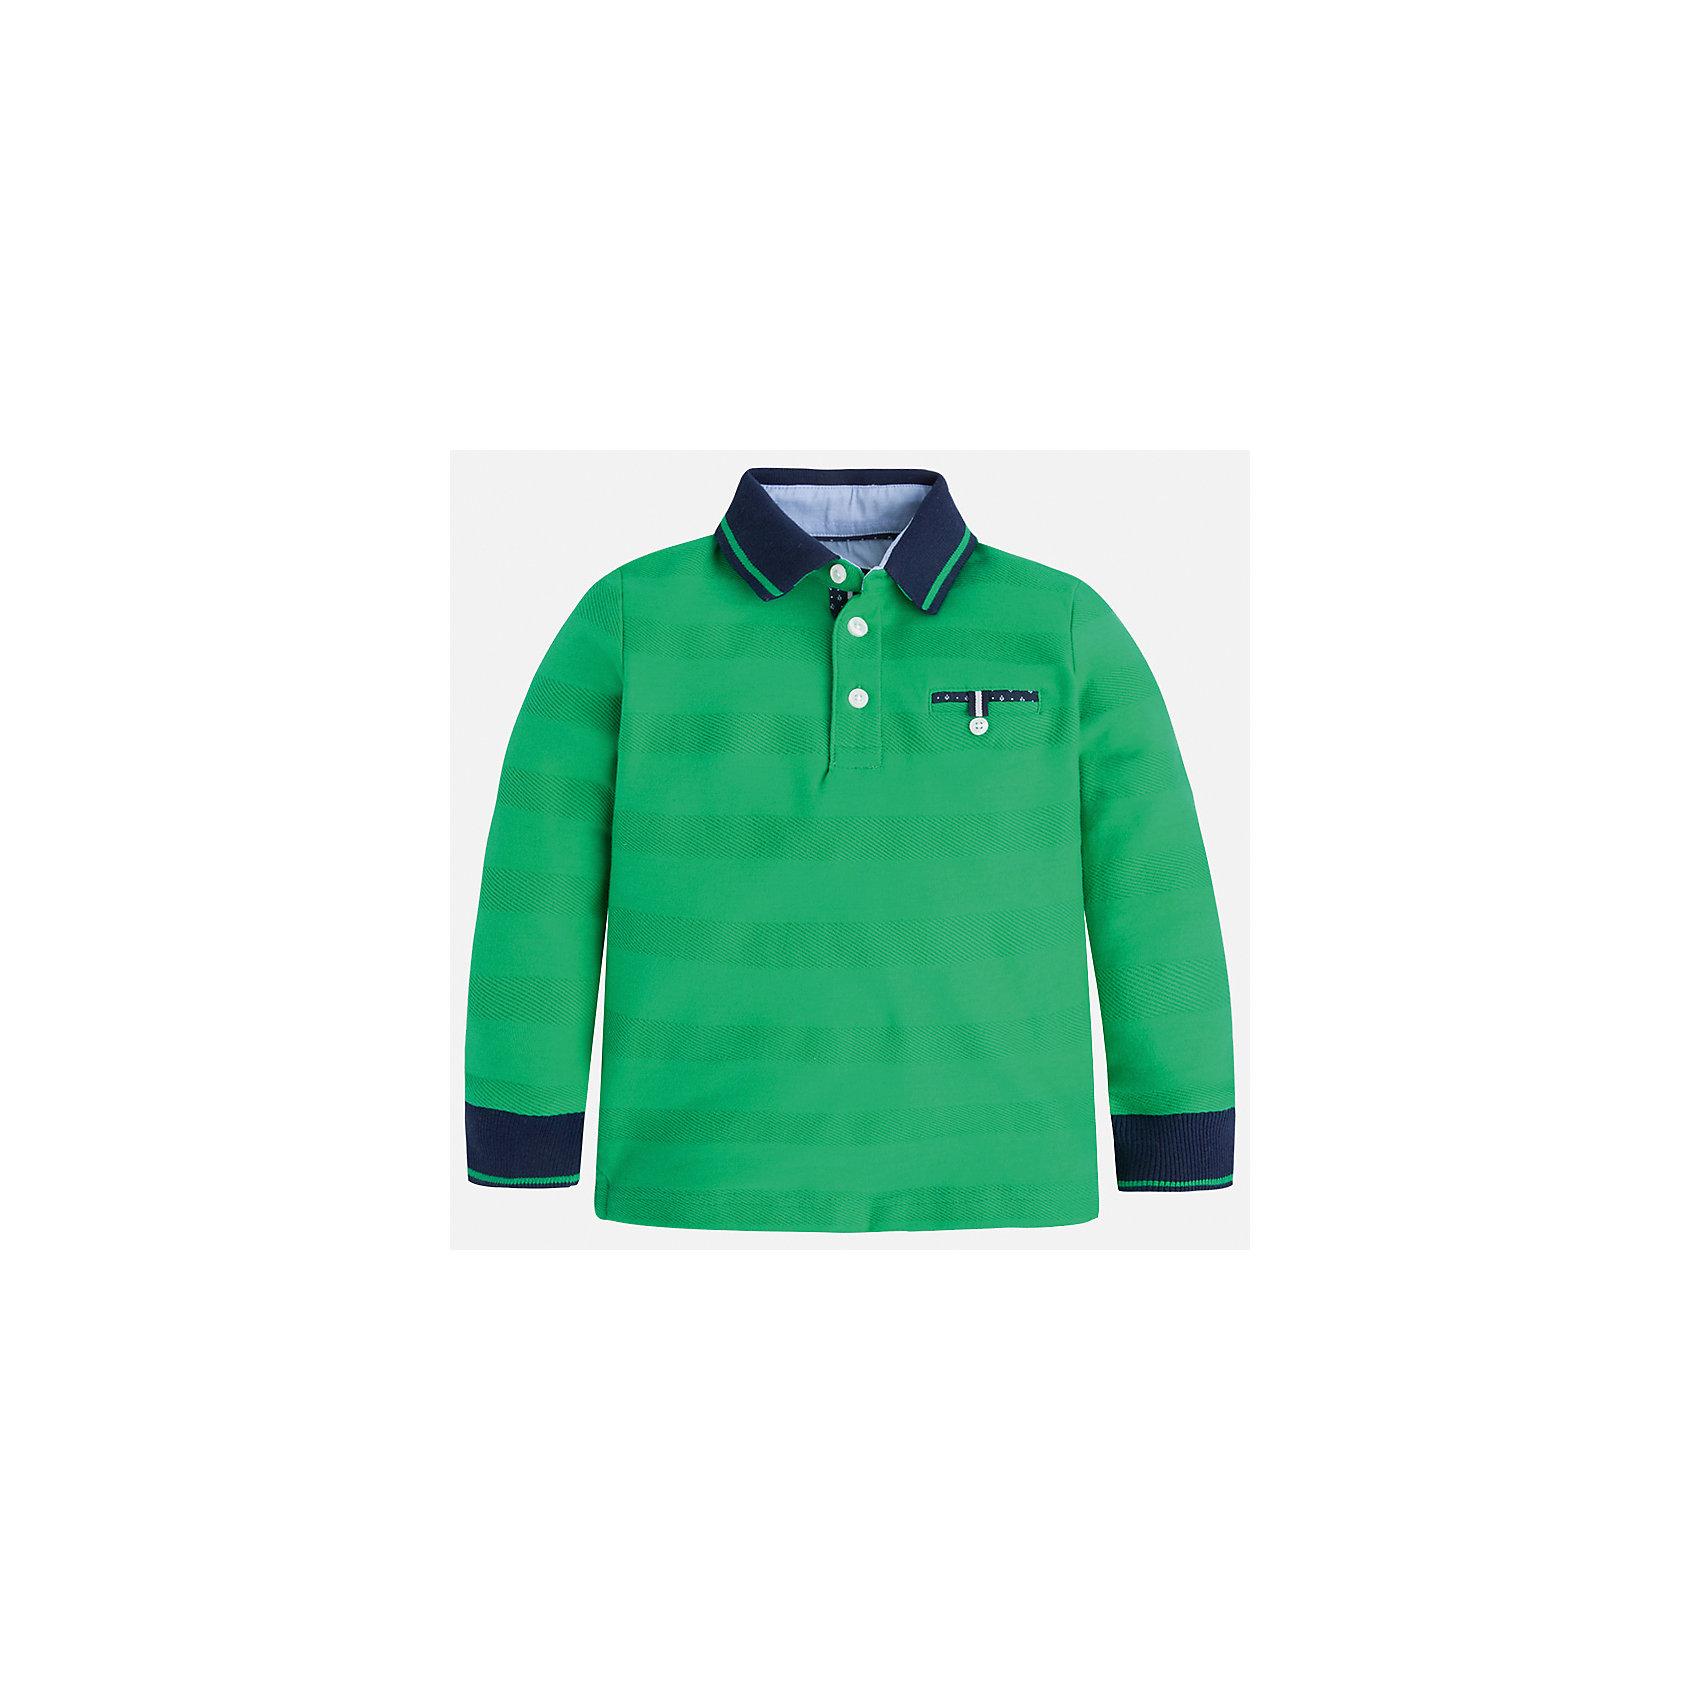 Рубашка-поло для мальчика MayoralХарактеристики товара:<br><br>• цвет: зеленый<br>• состав: 100% хлопок<br>• отложной воротник<br>• длинные рукава<br>• застежка: пуговицы<br>• карман на груди<br>• страна бренда: Испания<br><br>Стильная рубашка-поло для мальчика может стать базовой вещью в гардеробе ребенка. Она отлично сочетается с брюками, шортами, джинсами и т.д. Универсальный крой и цвет позволяет подобрать к вещи низ разных расцветок. Практичное и стильное изделие! В составе материала - только натуральный хлопок, гипоаллергенный, приятный на ощупь, дышащий.<br><br>Одежда, обувь и аксессуары от испанского бренда Mayoral полюбились детям и взрослым по всему миру. Модели этой марки - стильные и удобные. Для их производства используются только безопасные, качественные материалы и фурнитура. Порадуйте ребенка модными и красивыми вещами от Mayoral! <br><br>Рубашку-поло для мальчика от испанского бренда Mayoral (Майорал) можно купить в нашем интернет-магазине.<br><br>Ширина мм: 230<br>Глубина мм: 40<br>Высота мм: 220<br>Вес г: 250<br>Цвет: зеленый<br>Возраст от месяцев: 18<br>Возраст до месяцев: 24<br>Пол: Мужской<br>Возраст: Детский<br>Размер: 116,110,104,98,128,92,134,122<br>SKU: 5272117